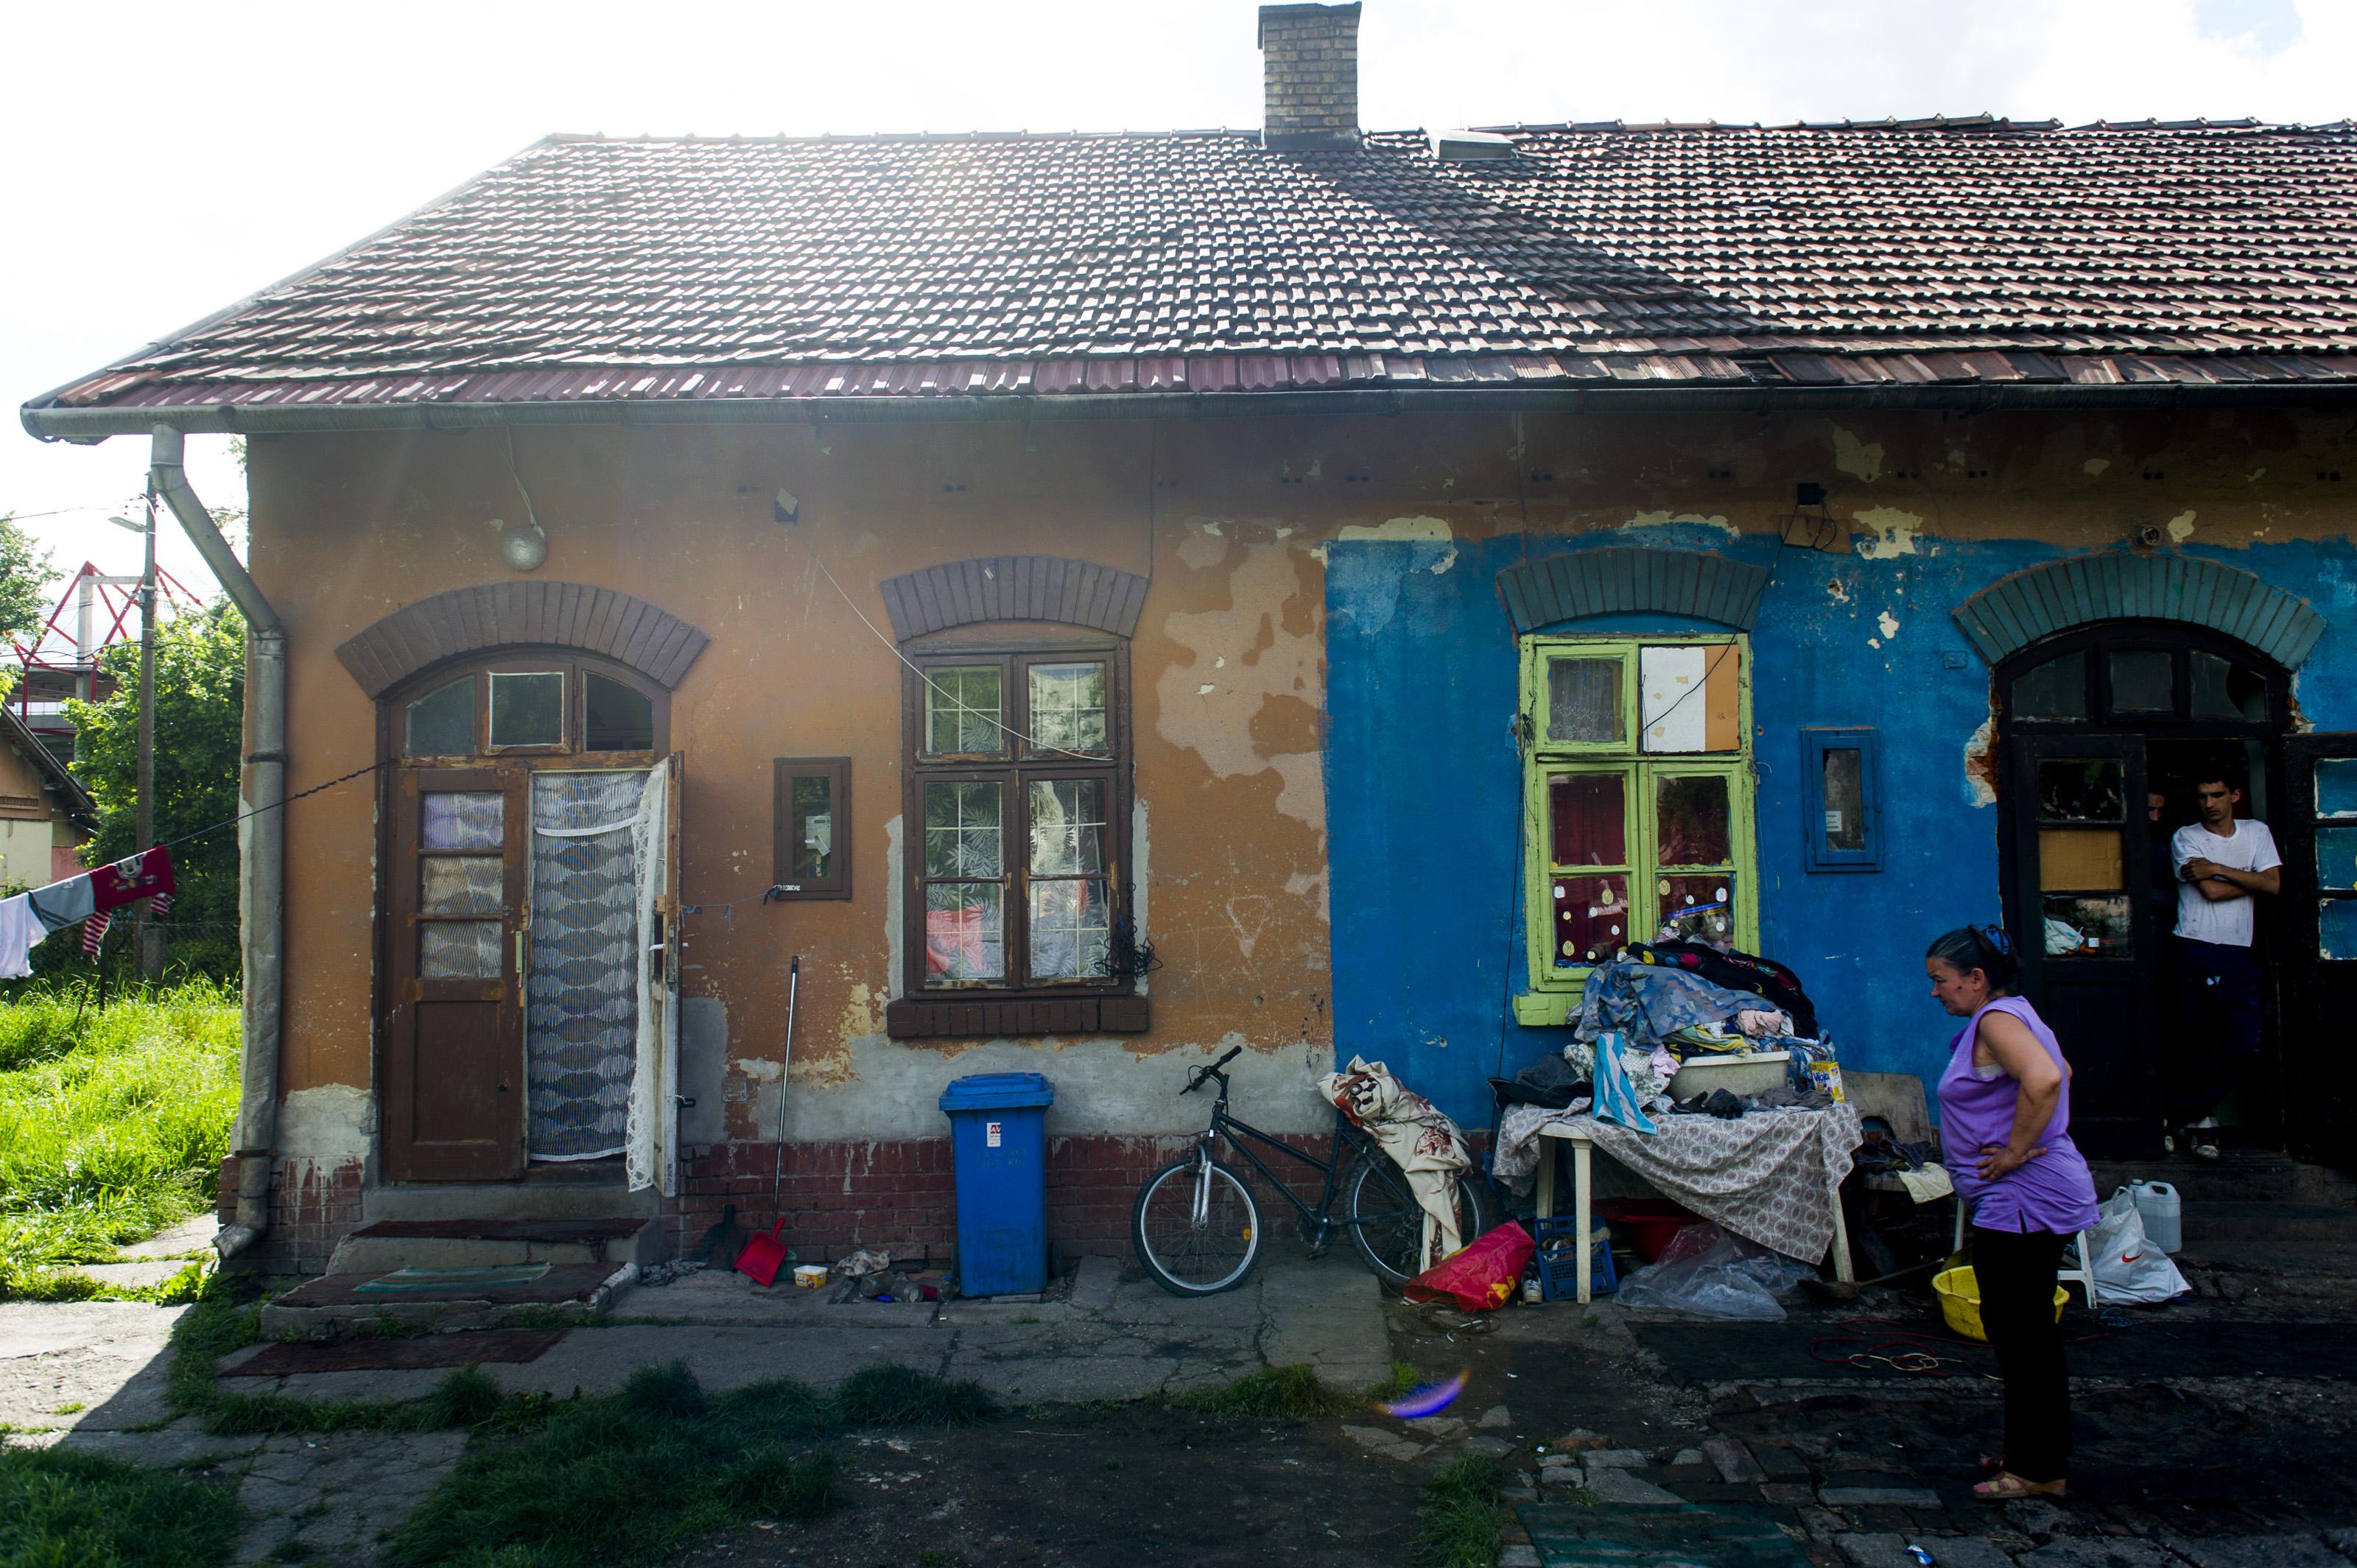 20140508miskolc-disogyor-szamozott-utcak-kitelepites3.jpg